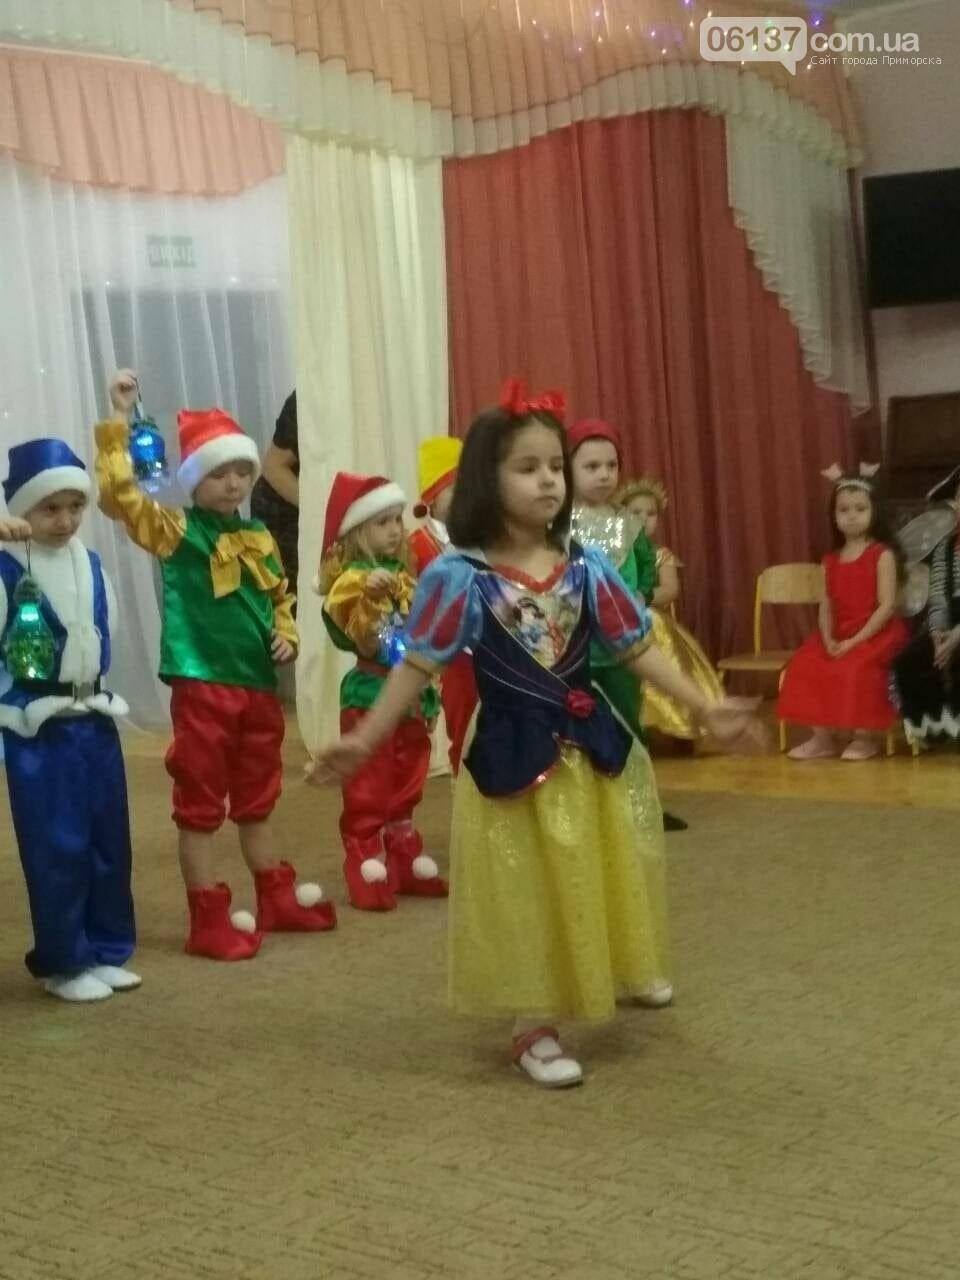 В детских садиках Приморска новогоднее веселье идет полным ходом, фото-3